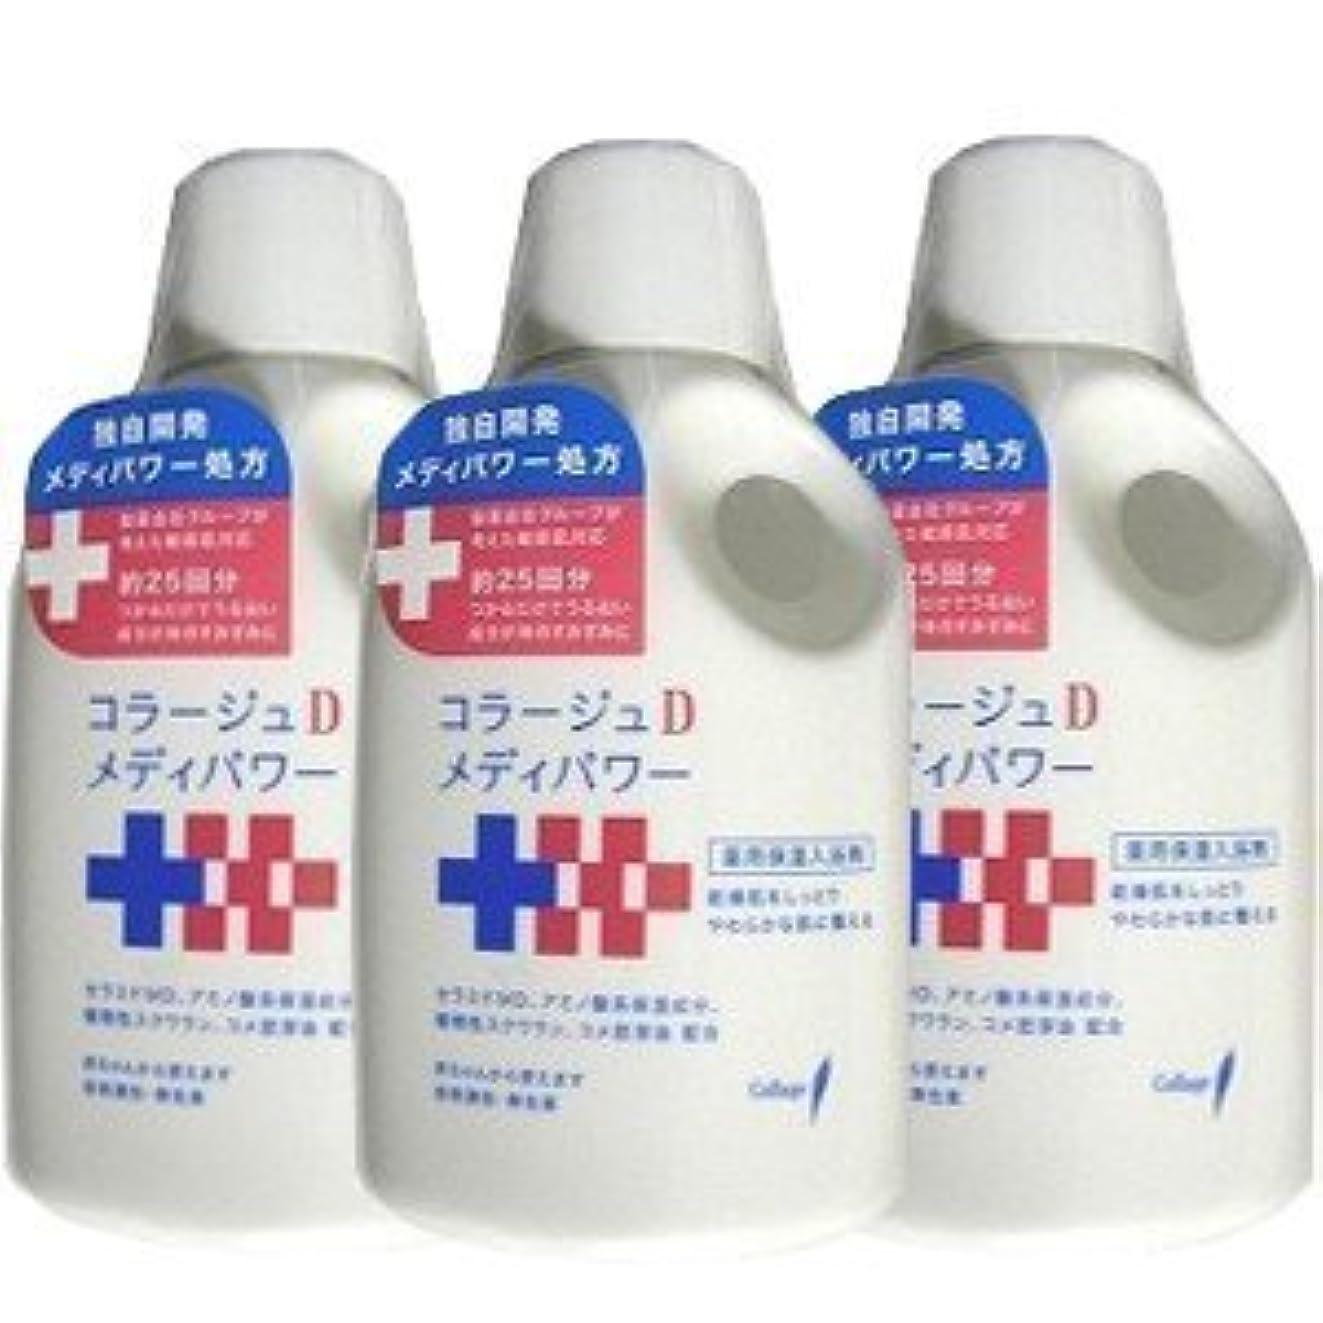 ハイブリッド重要性宿命【3本】コラージュD メディパワー保湿入浴剤 500mlx3本